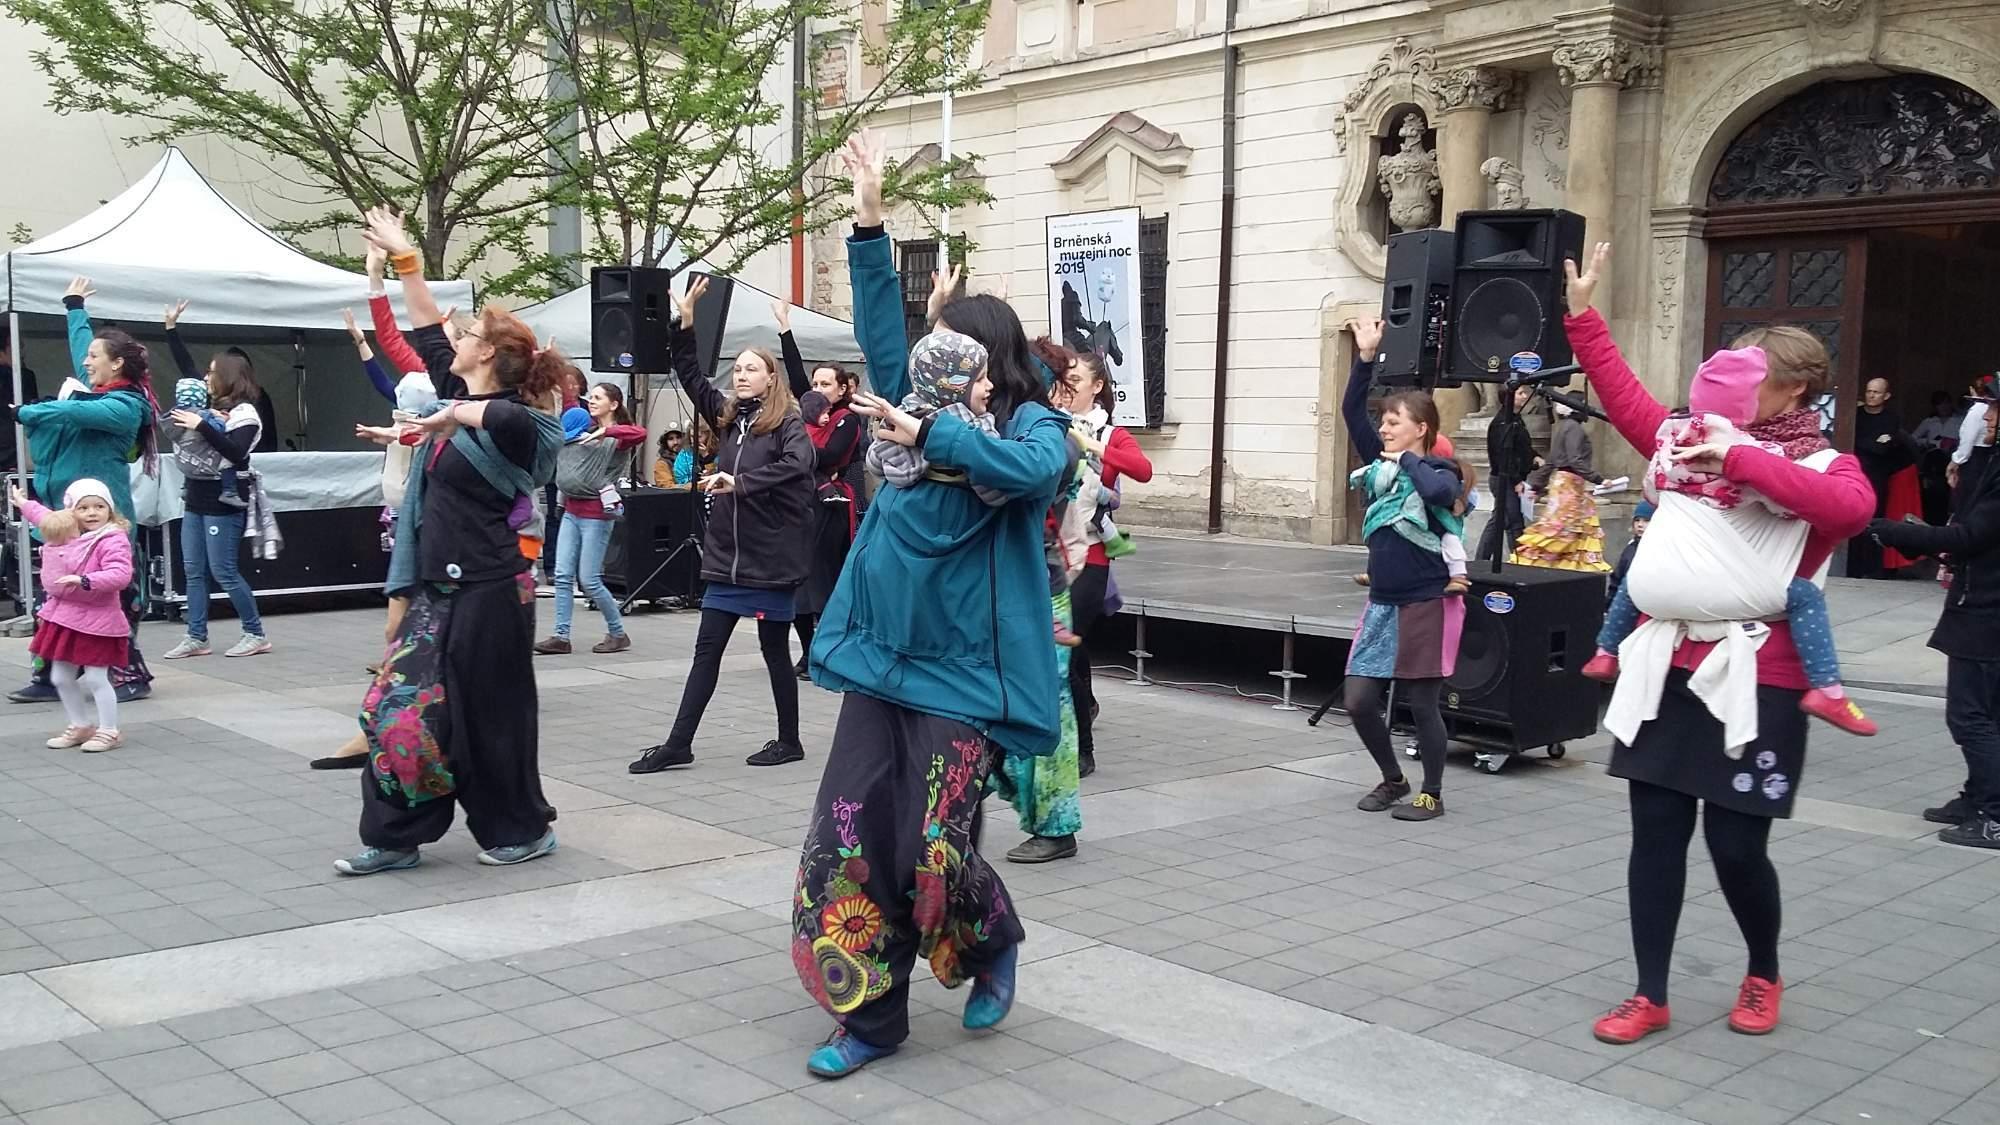 Tanec s dětmi v šátcích. Foto: Lucie Kohoutková